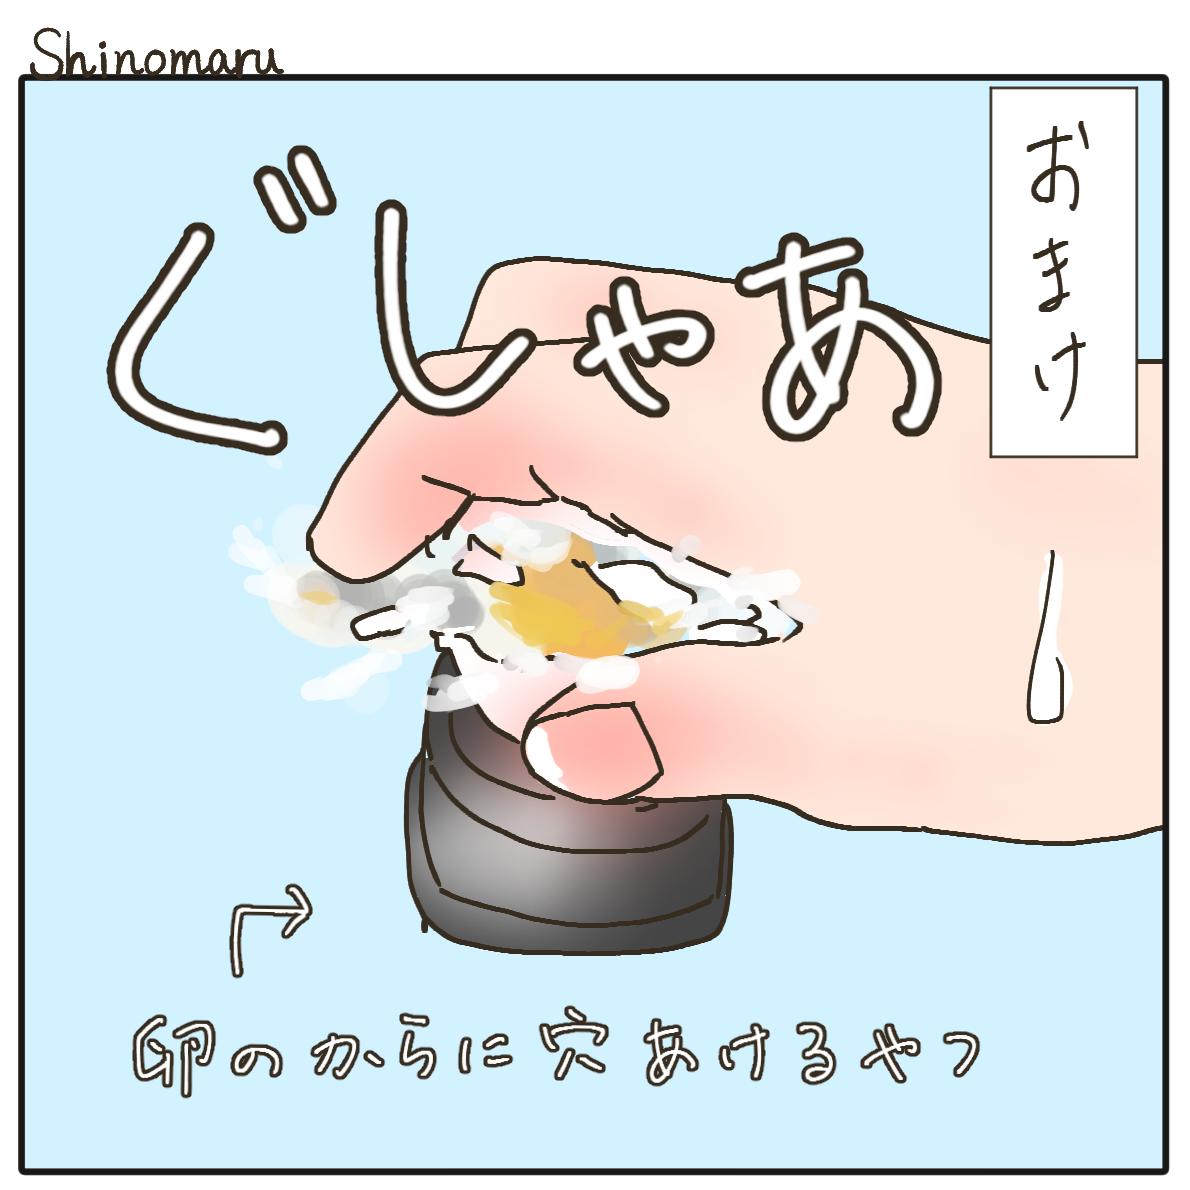 f:id:Shinomaru:20210604221823p:plain